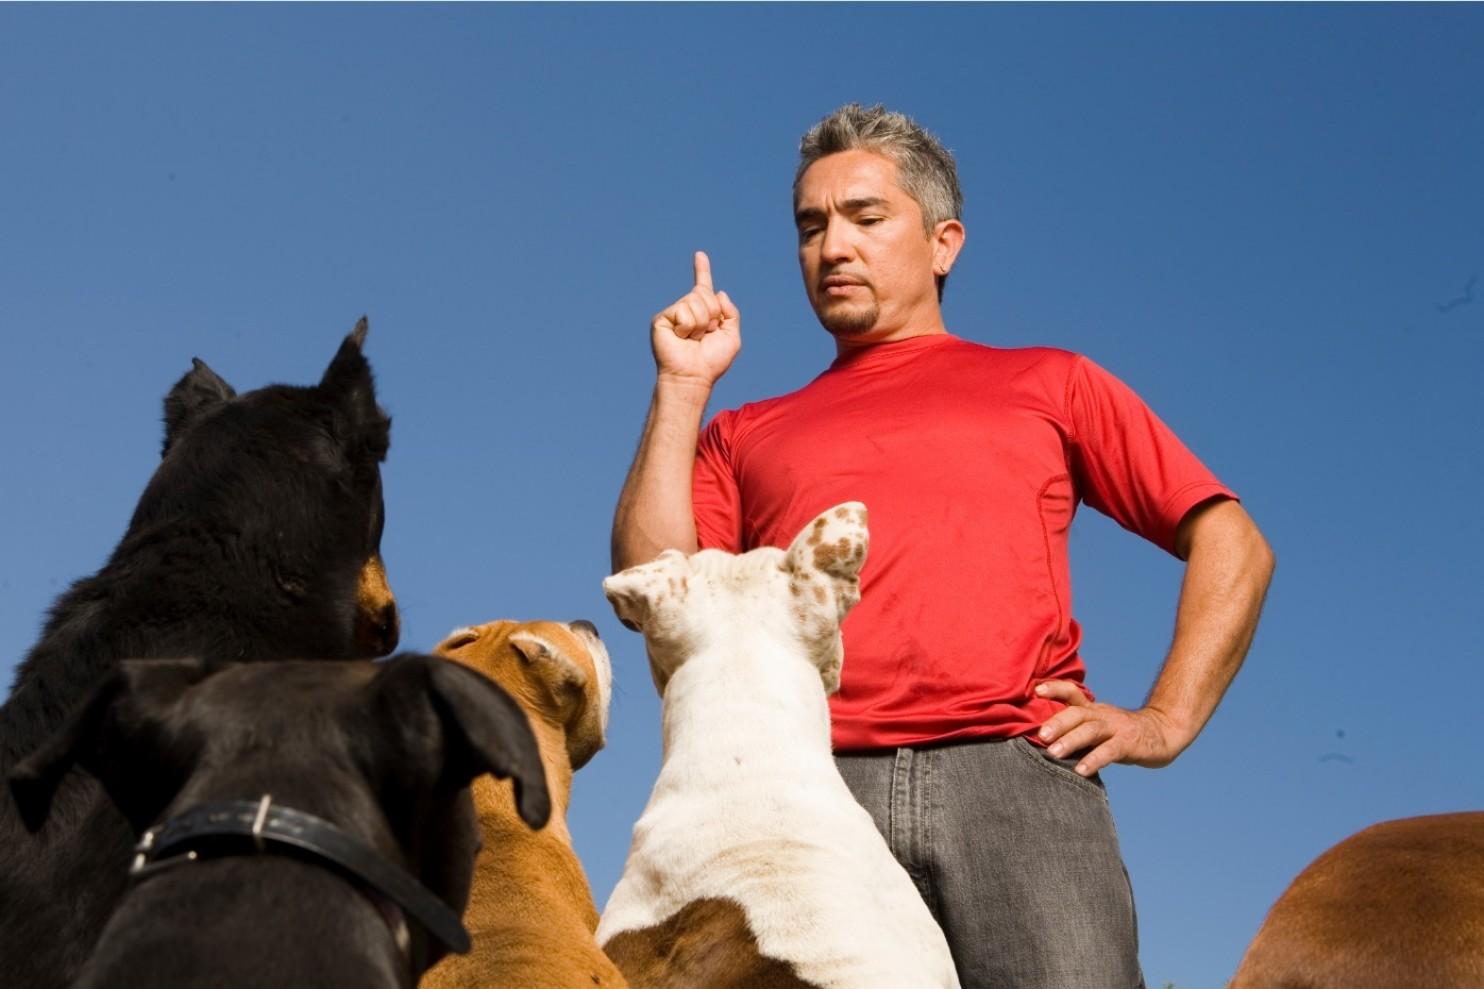 En el vídeo difundido por diferentes medios parece verse al entrenador evitando que el perro atacará al cerdo